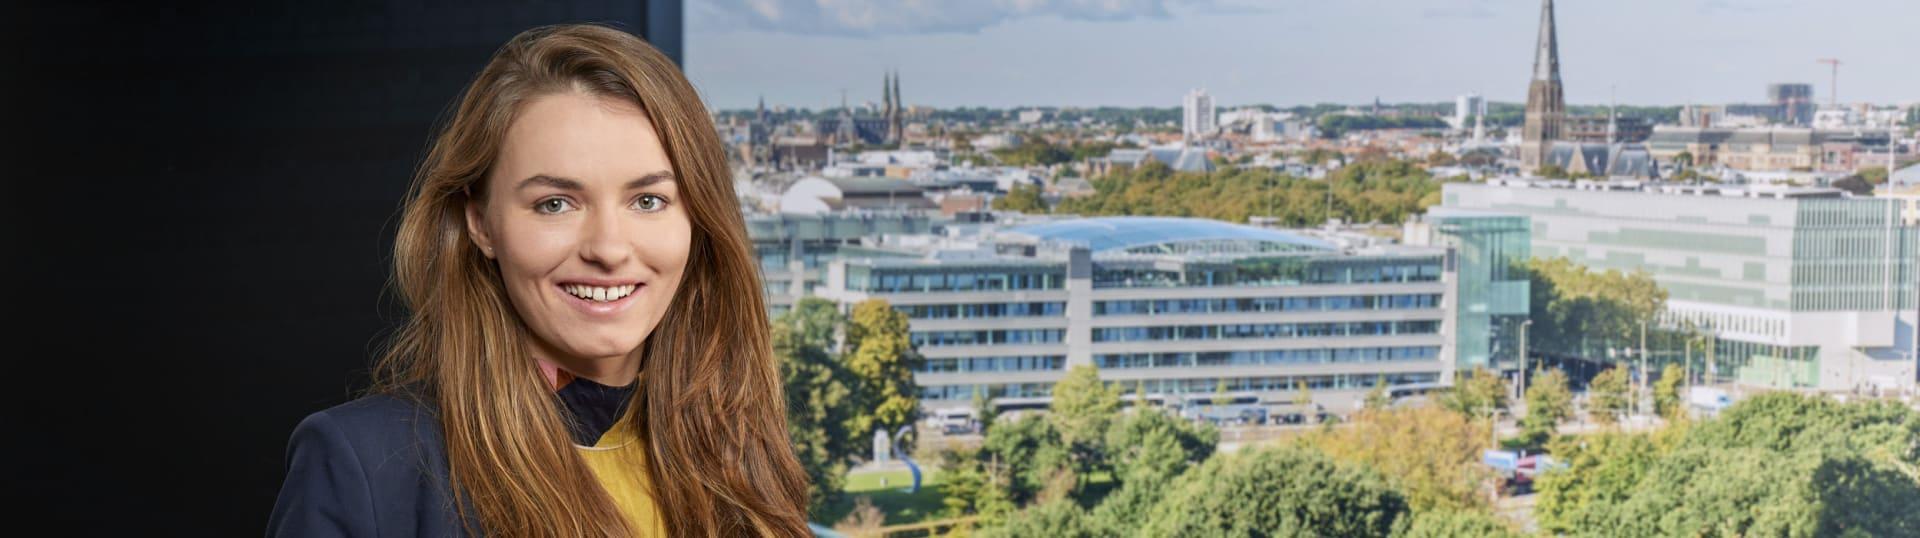 Maaike Feenstra, advocaat Pels Rijcken